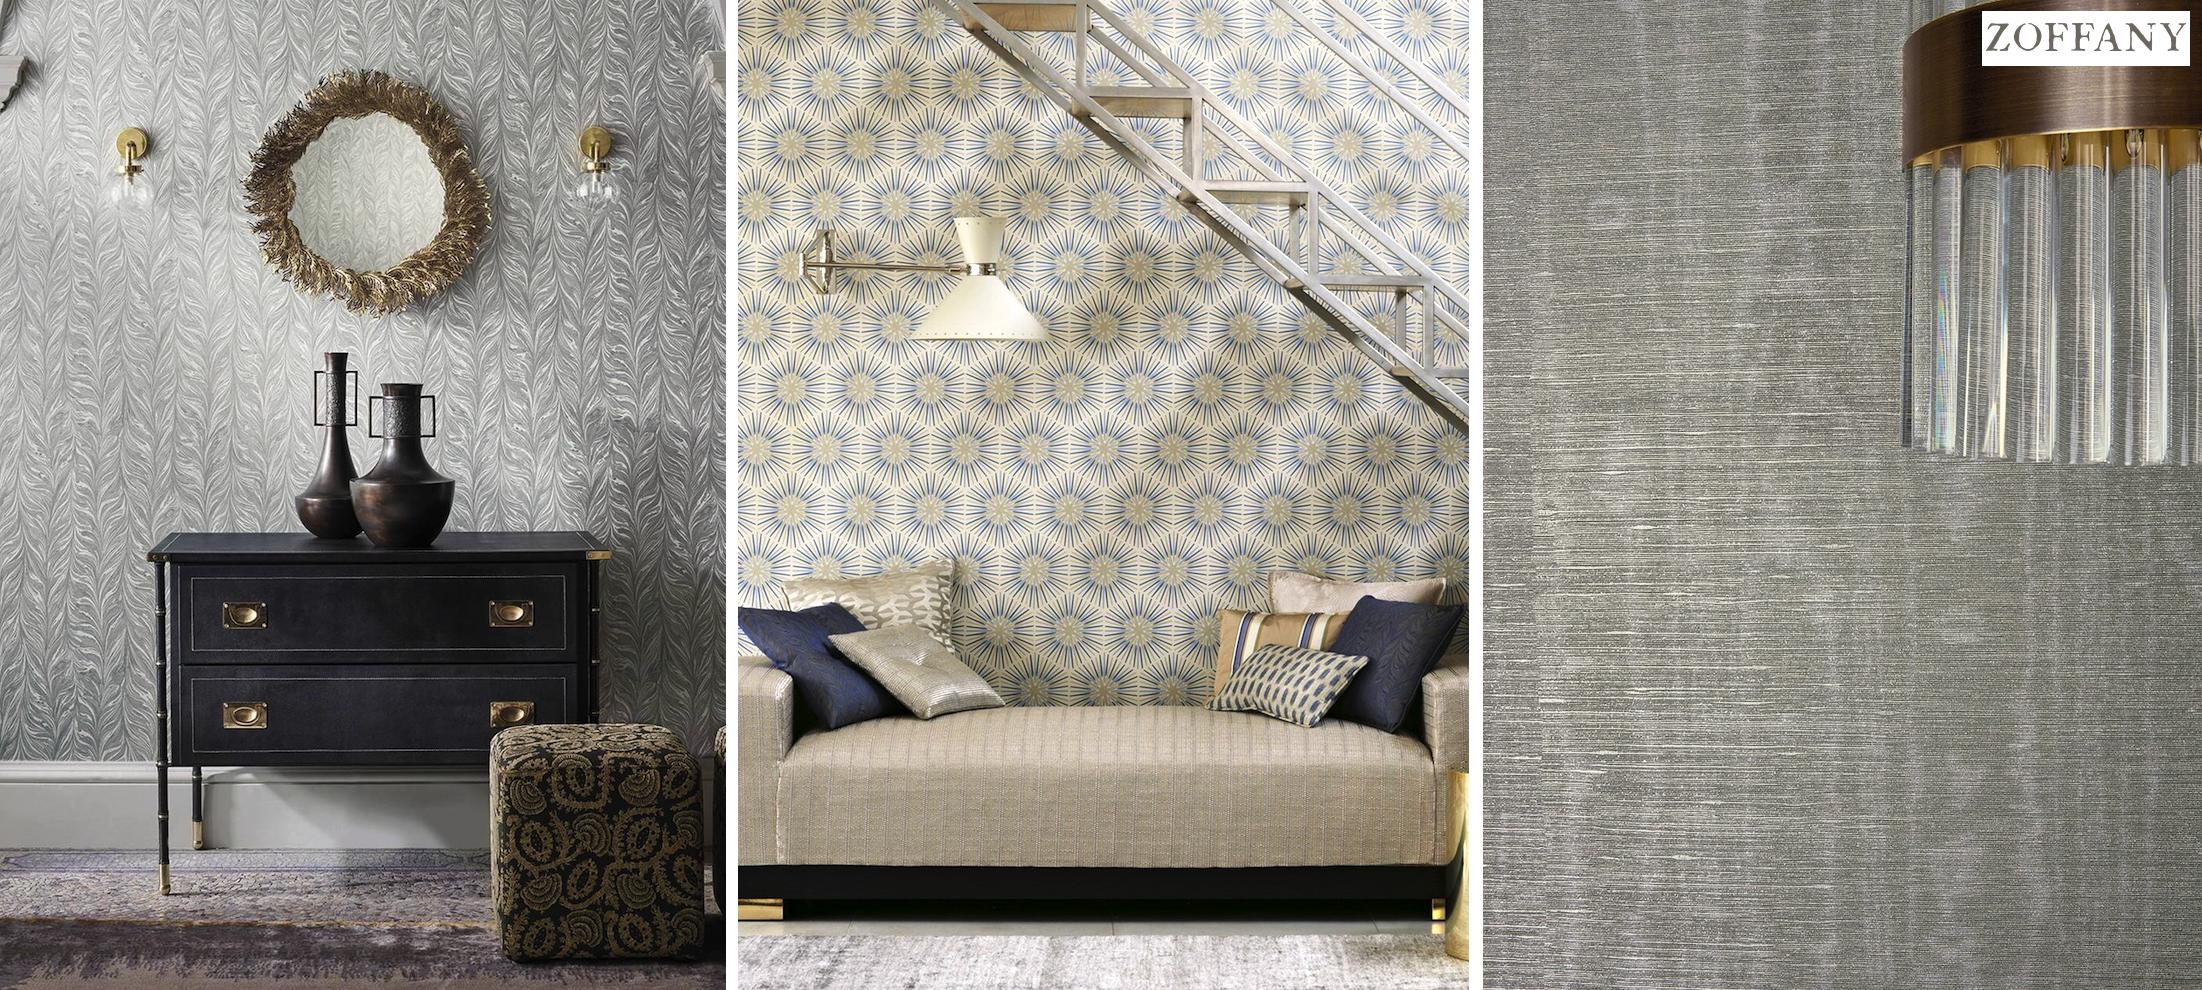 zoffany-wallpaper.png